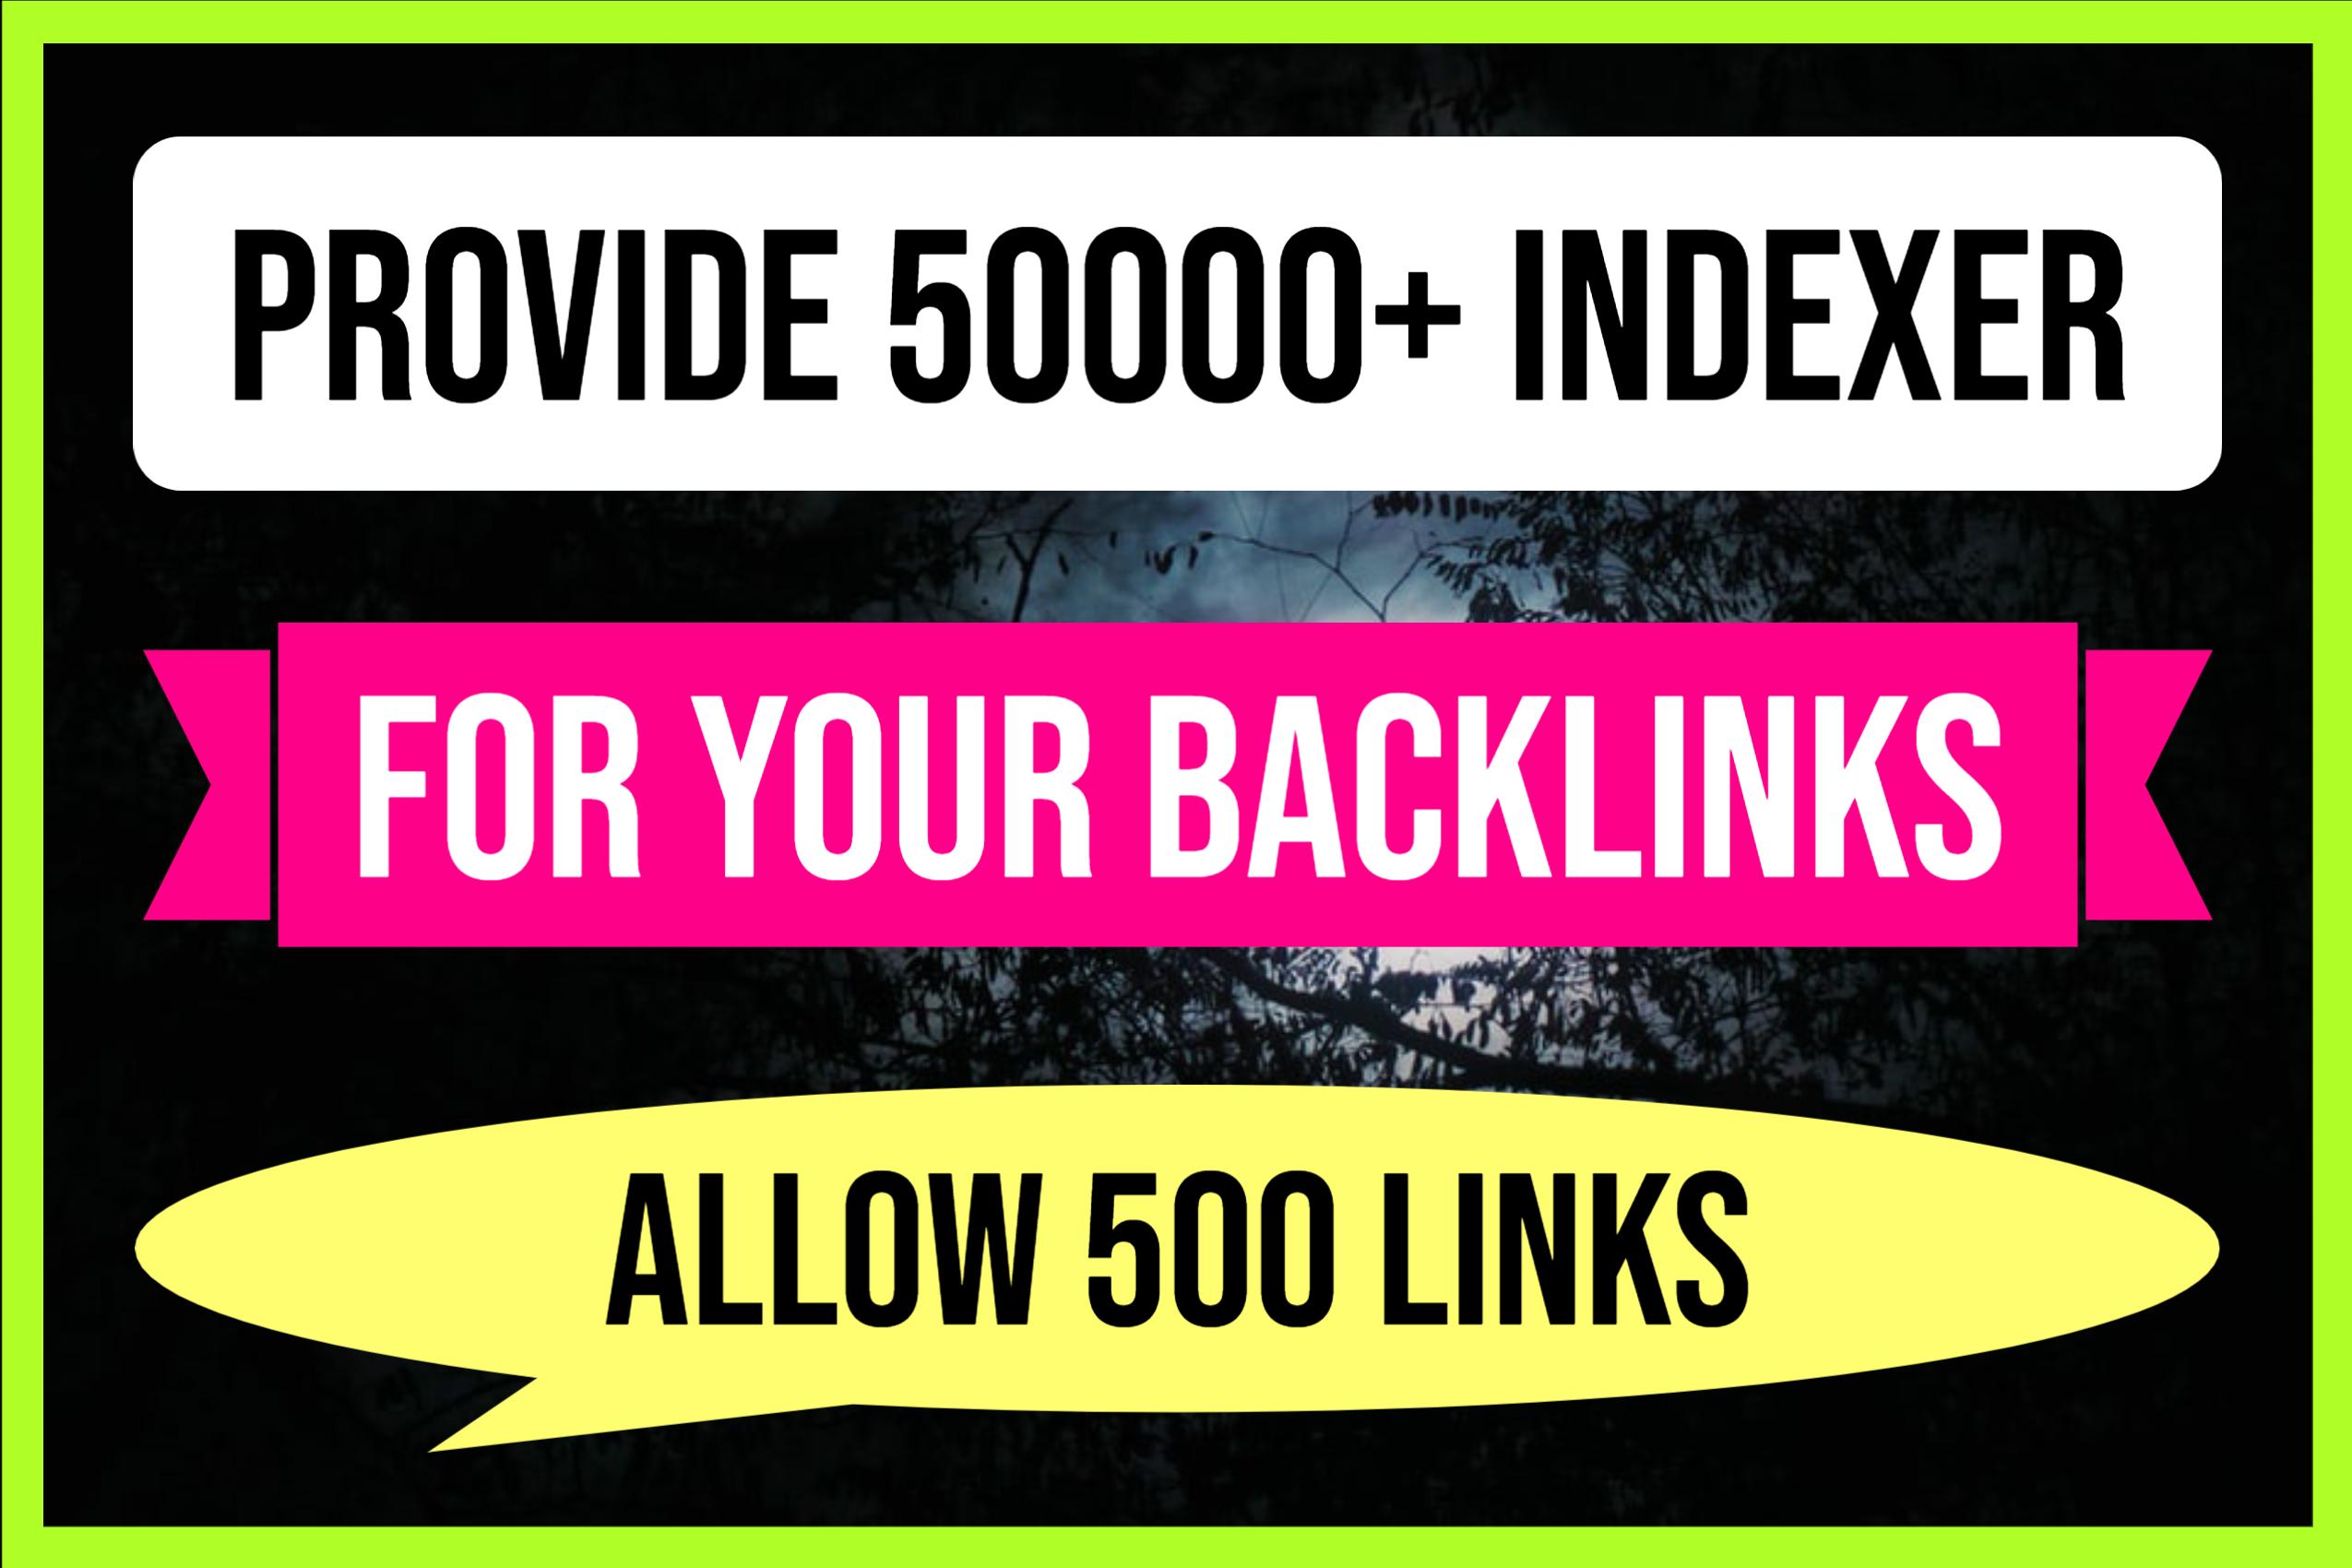 Index Your Backlinks Though 50k Websites